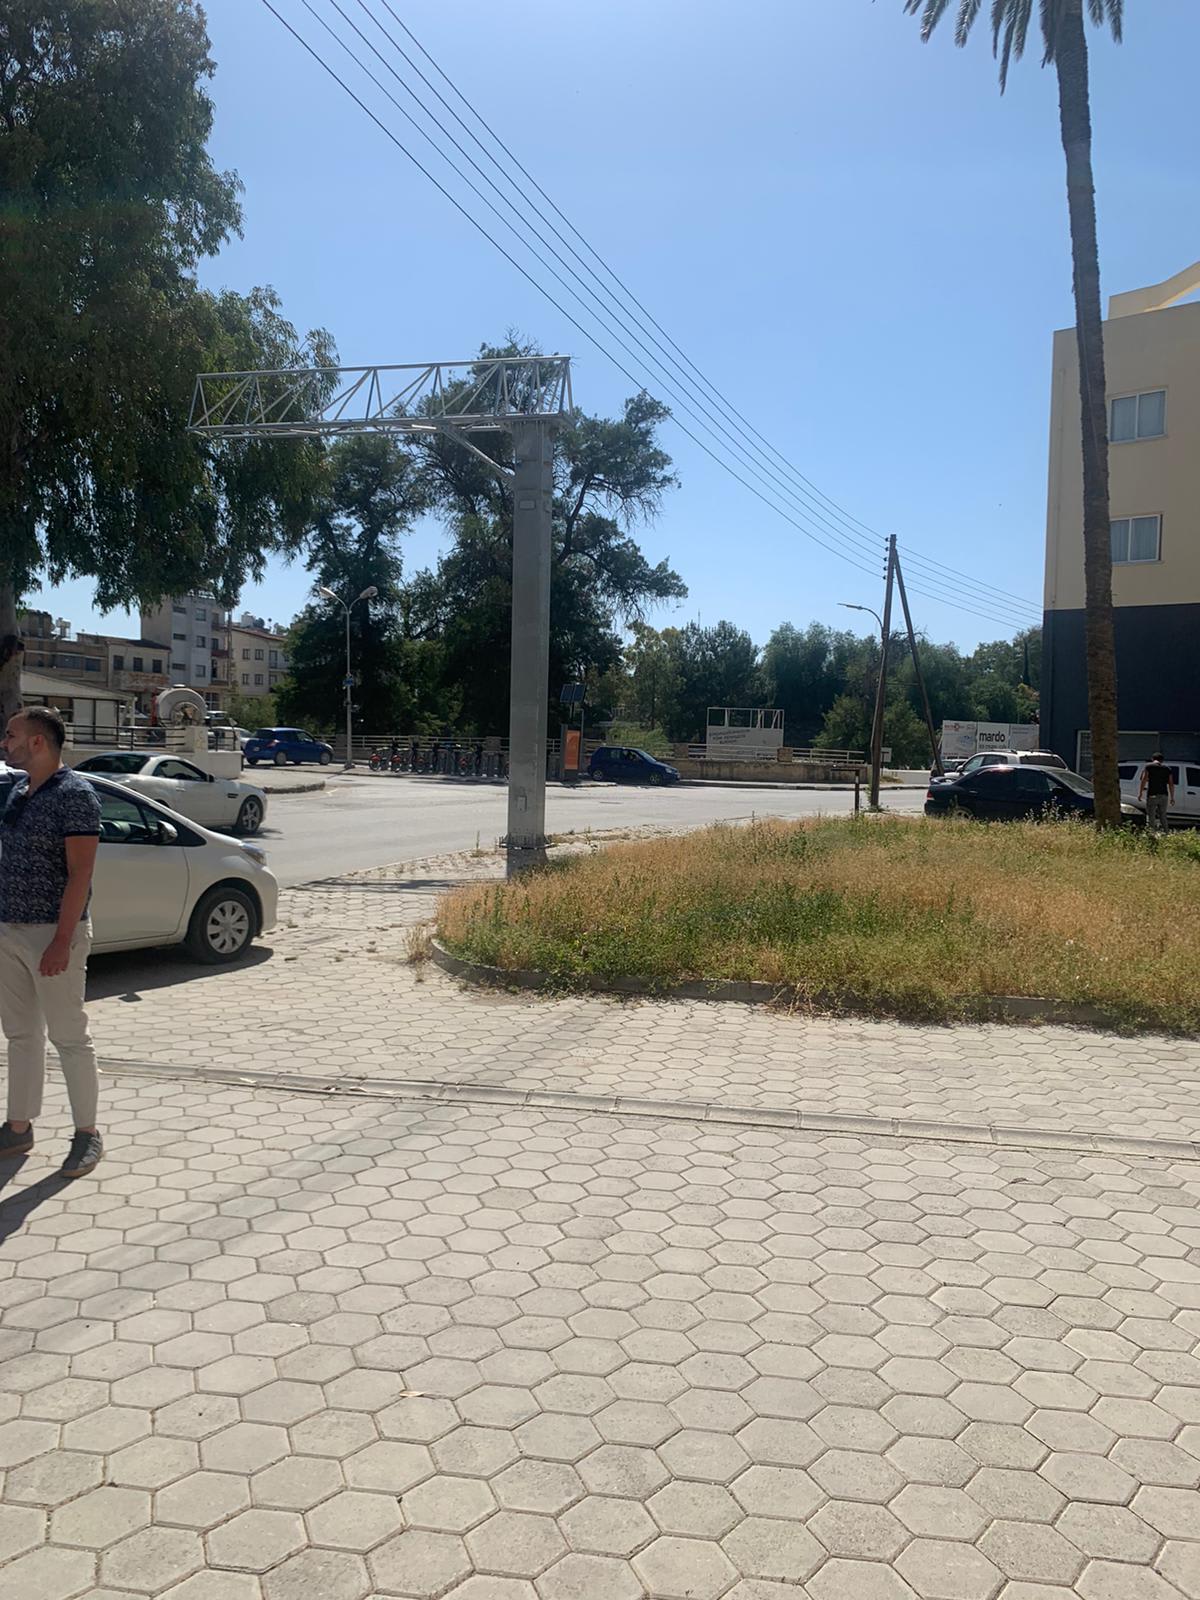 Lefkosa merkezde toplam 100 m2 ticari alan 8581